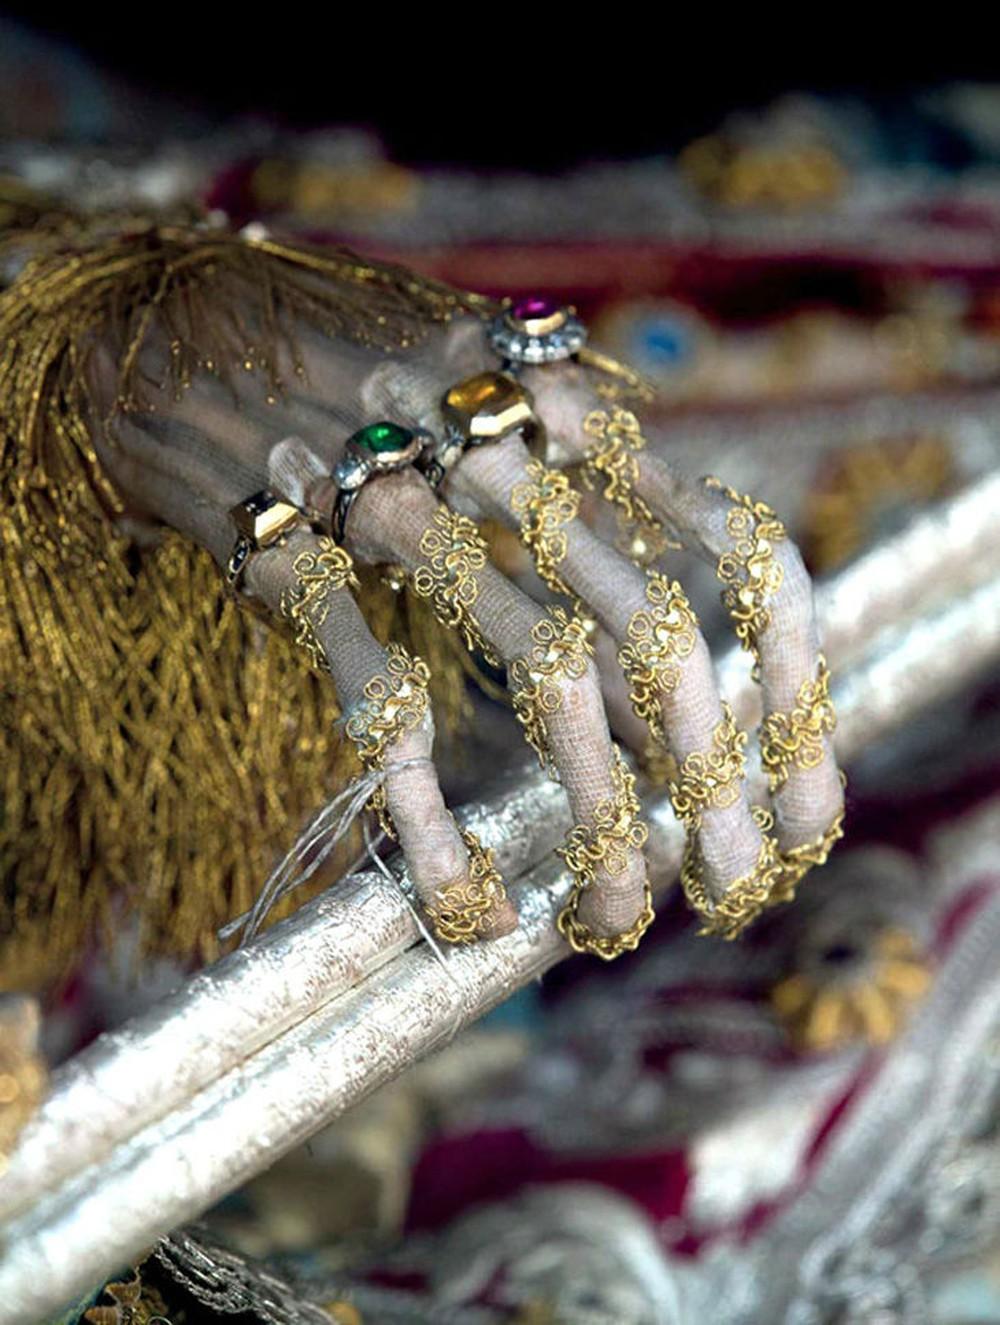 Hài cốt đắt giá bậc nhất thế giới được tìm thấy trong ngôi mộ mê cung: Vàng bạc, châu báu đếm không xuể - Ảnh 2.